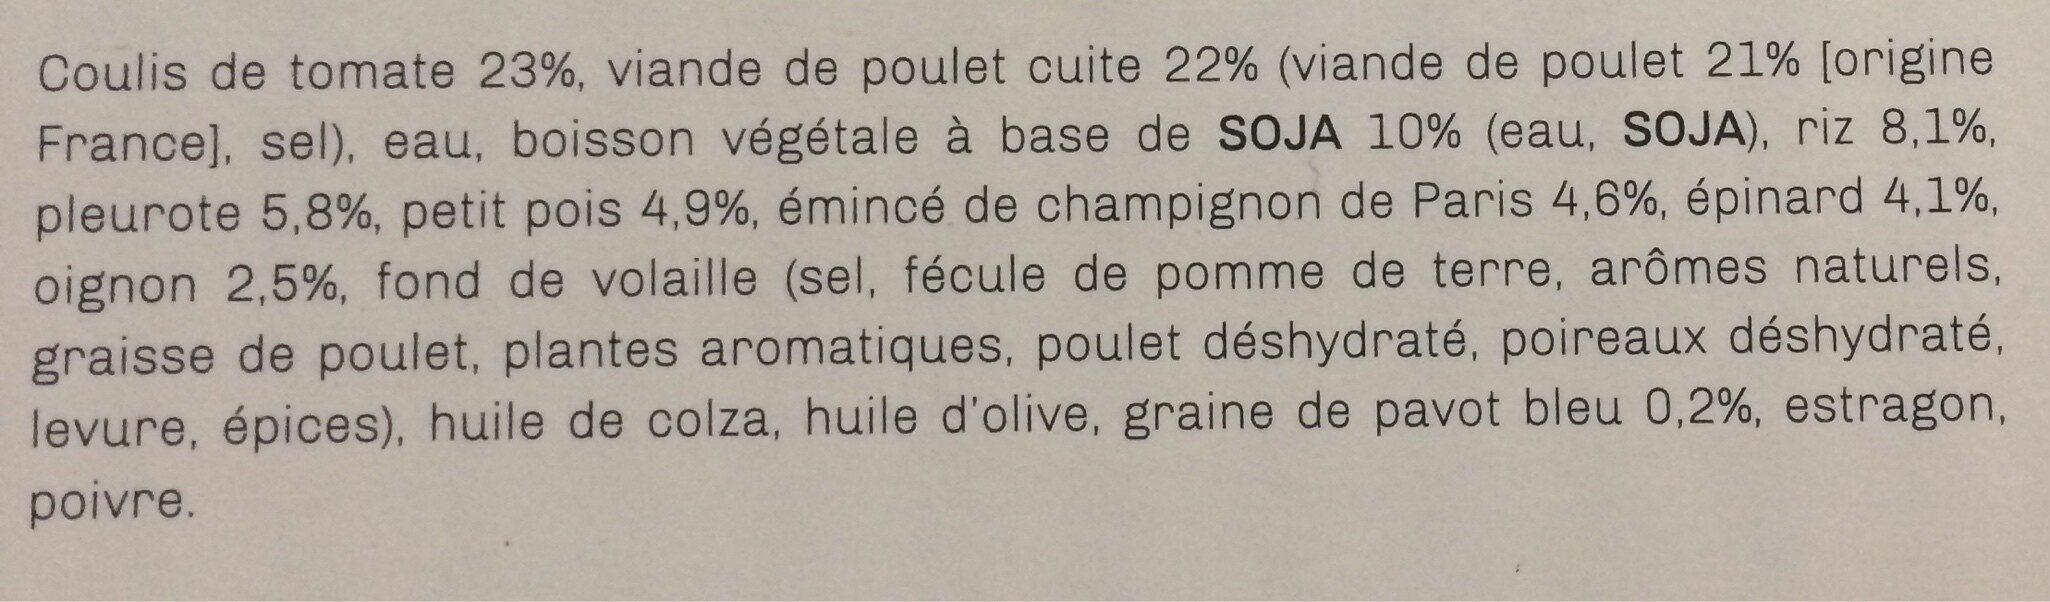 Risotto forestier et poulet - Ingrédients - fr